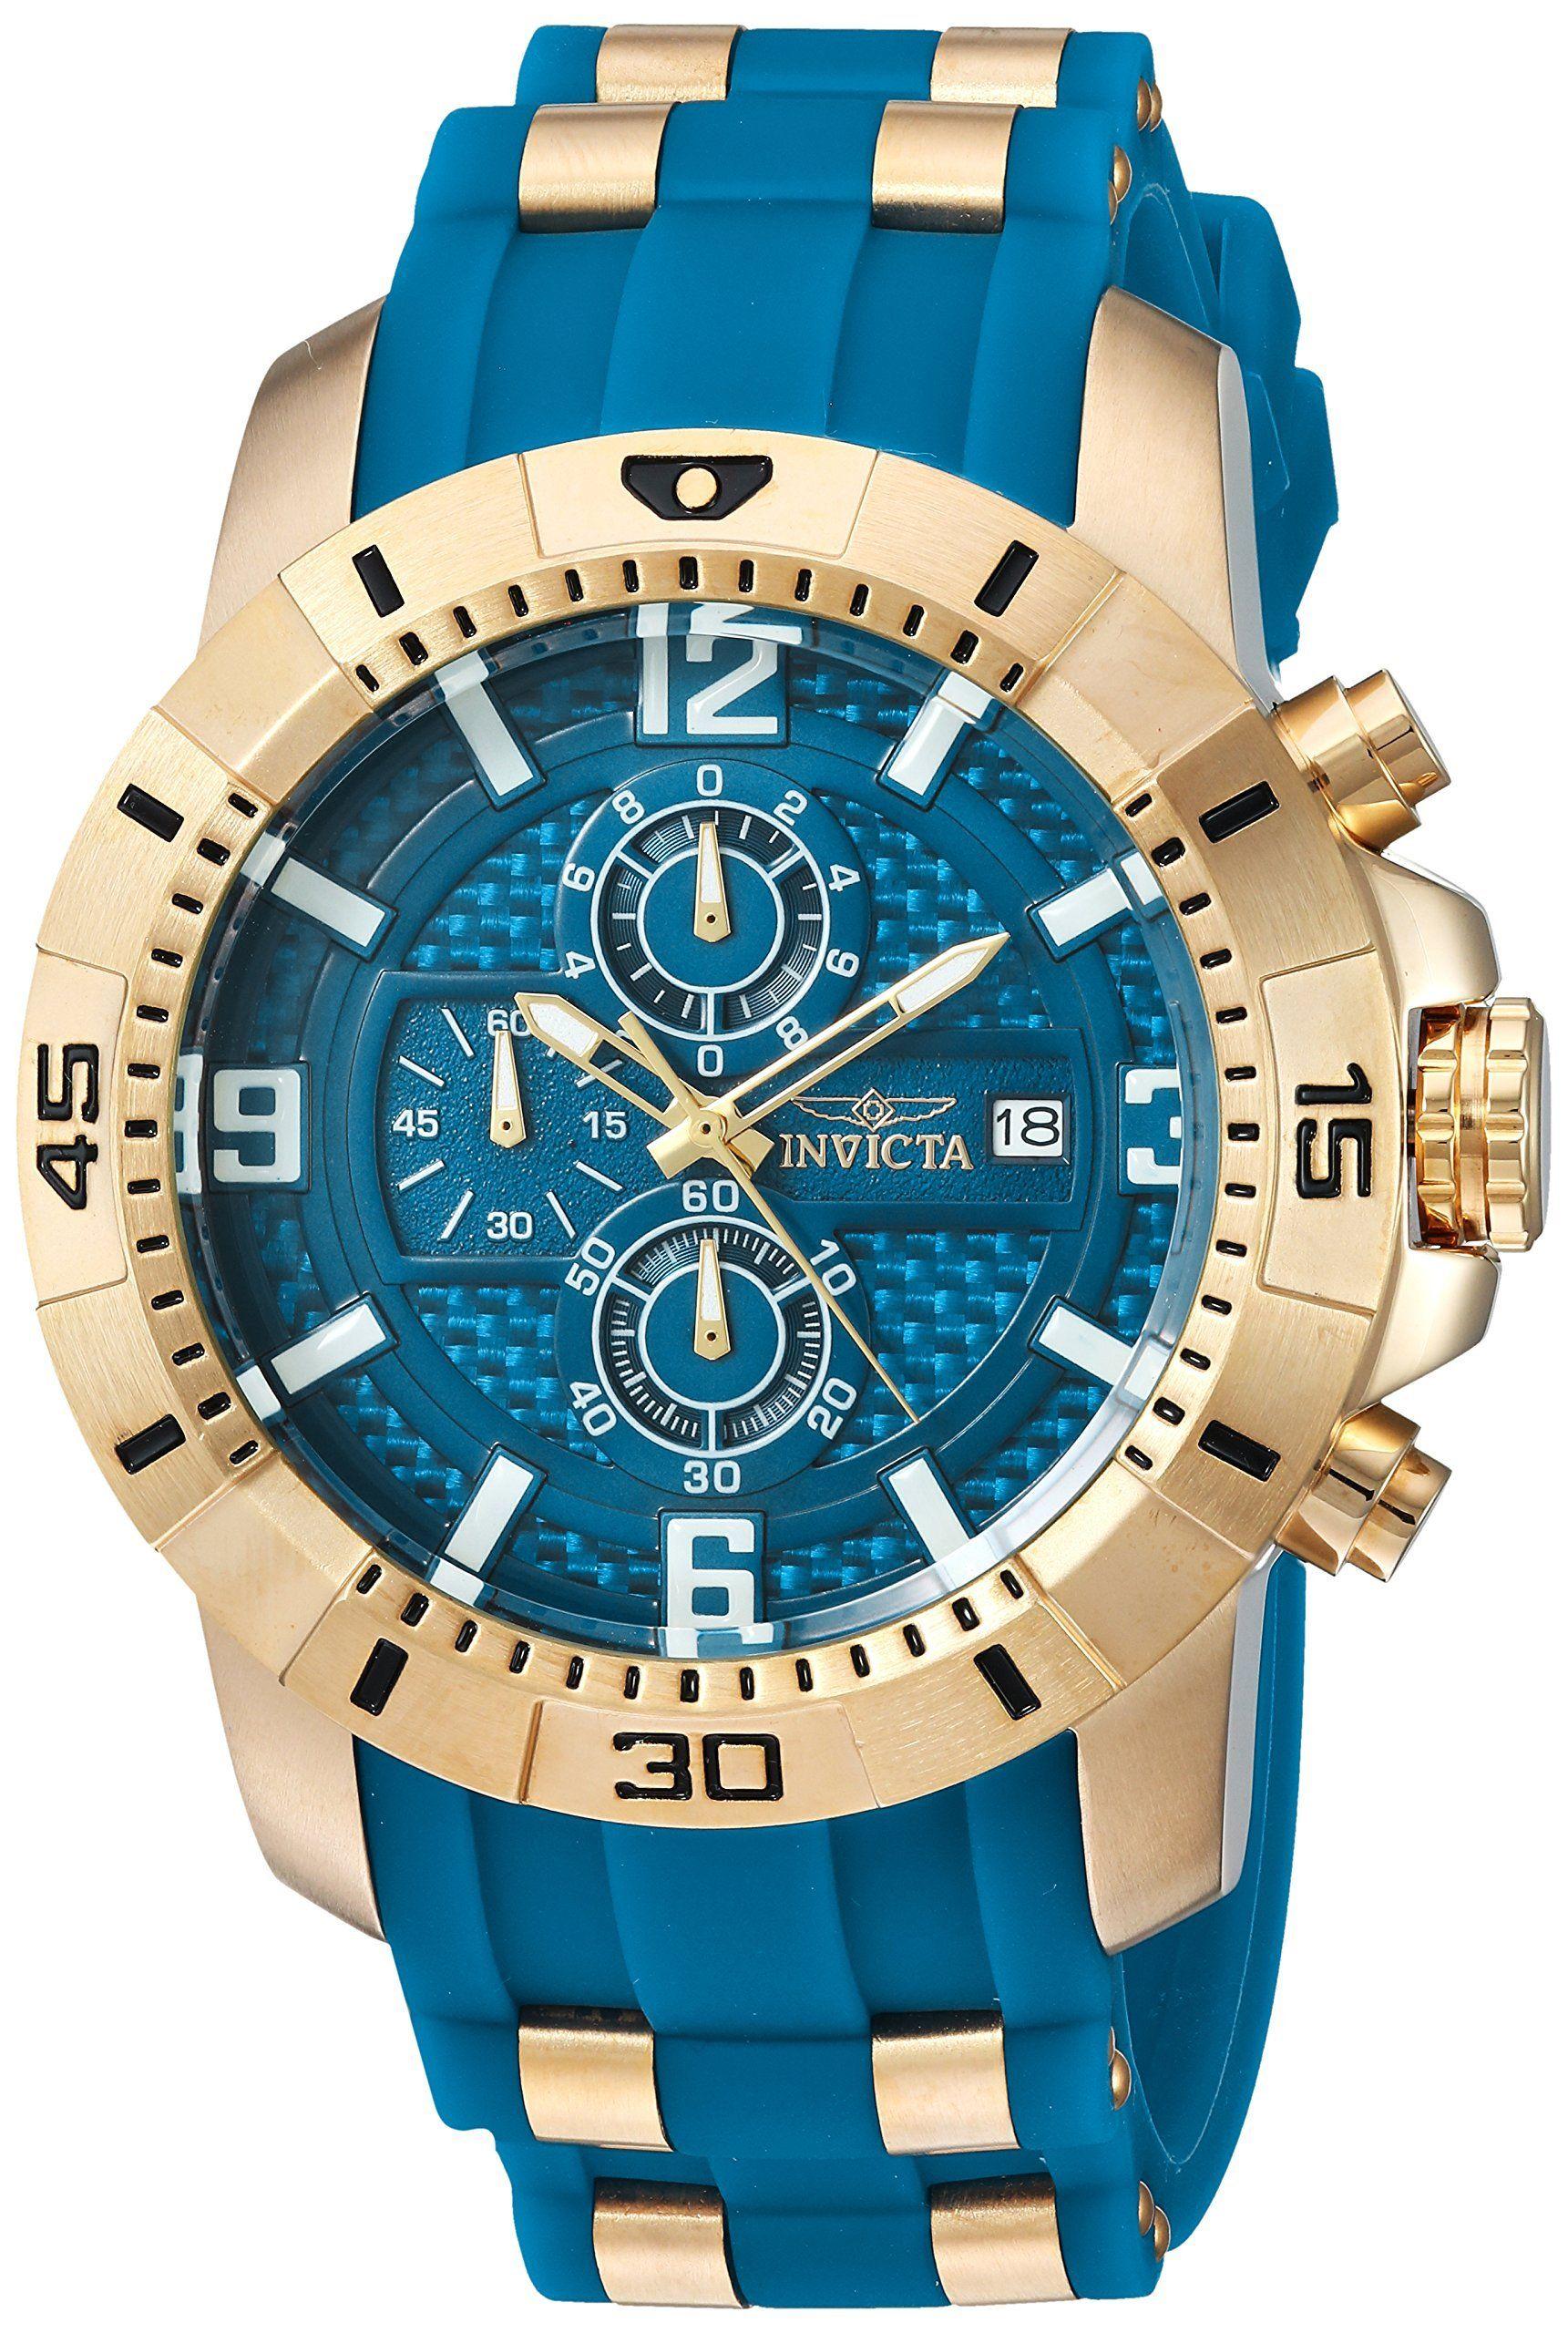 88f32d773d8 Relógio Invicta Pro Diver 25856 Original Prata C  Preto - LEVA E TRAZ MUNDO  DIGITAL